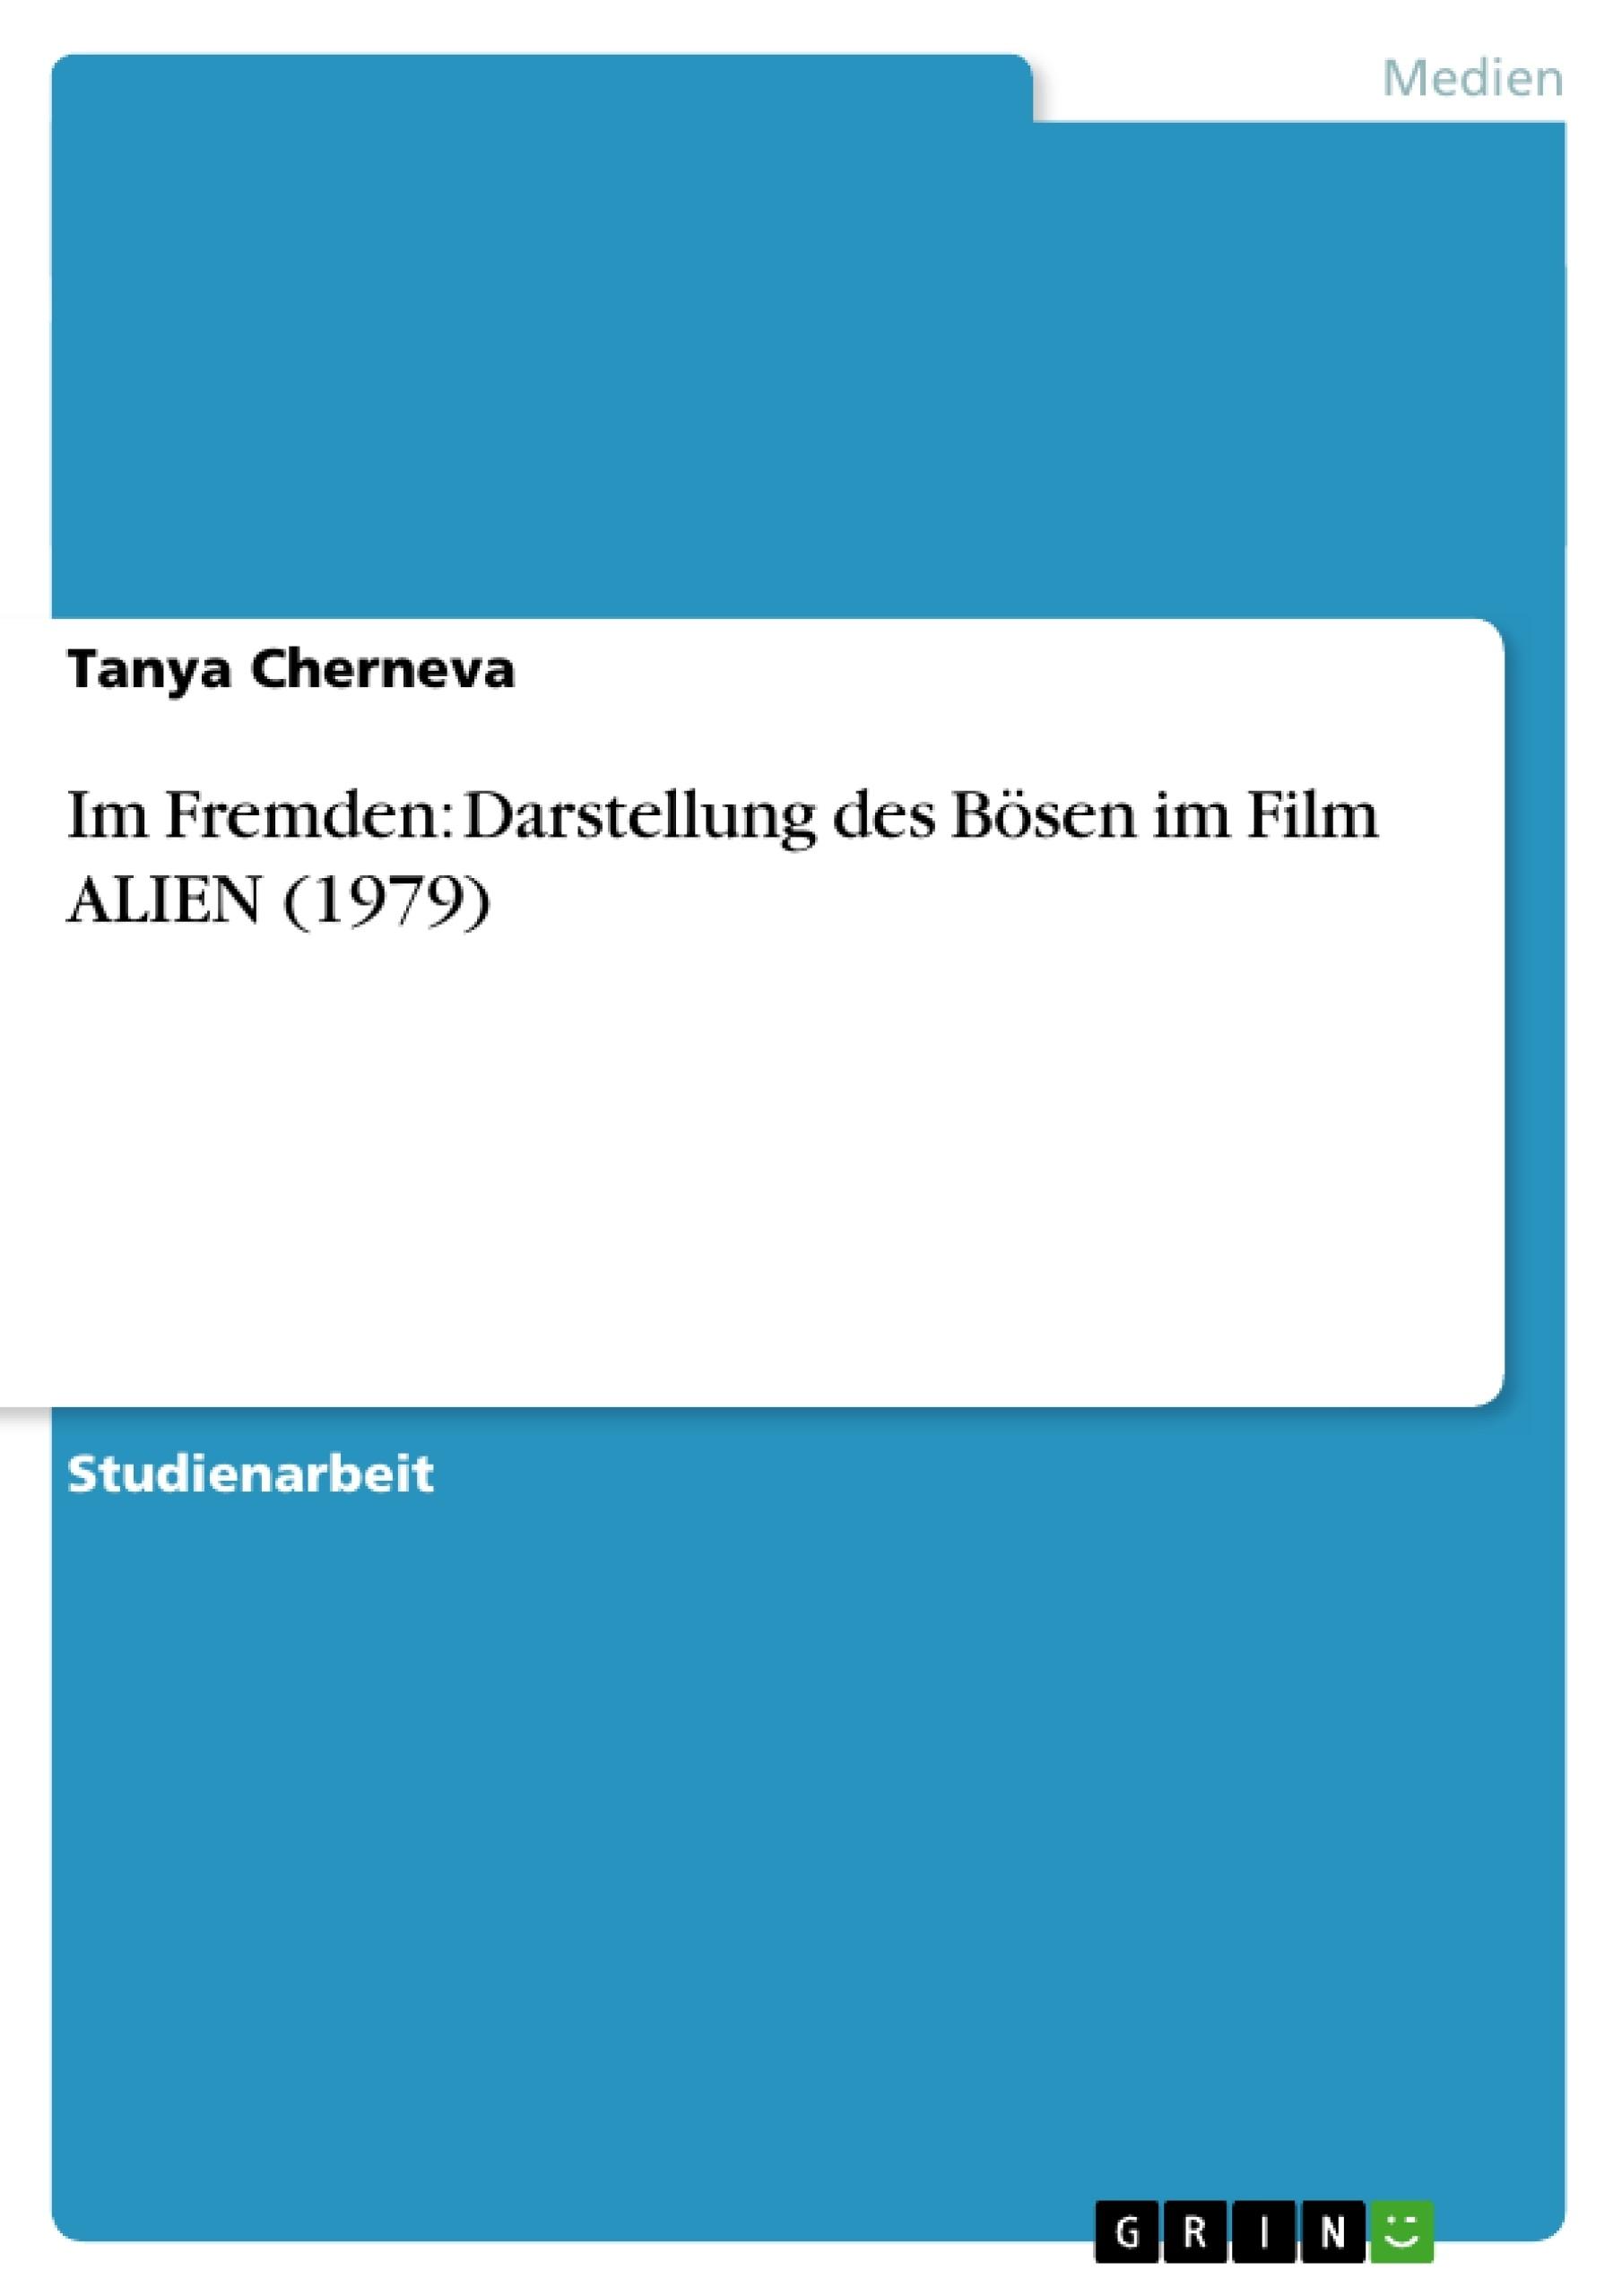 Titel: Im Fremden: Darstellung des Bösen im Film ALIEN (1979)